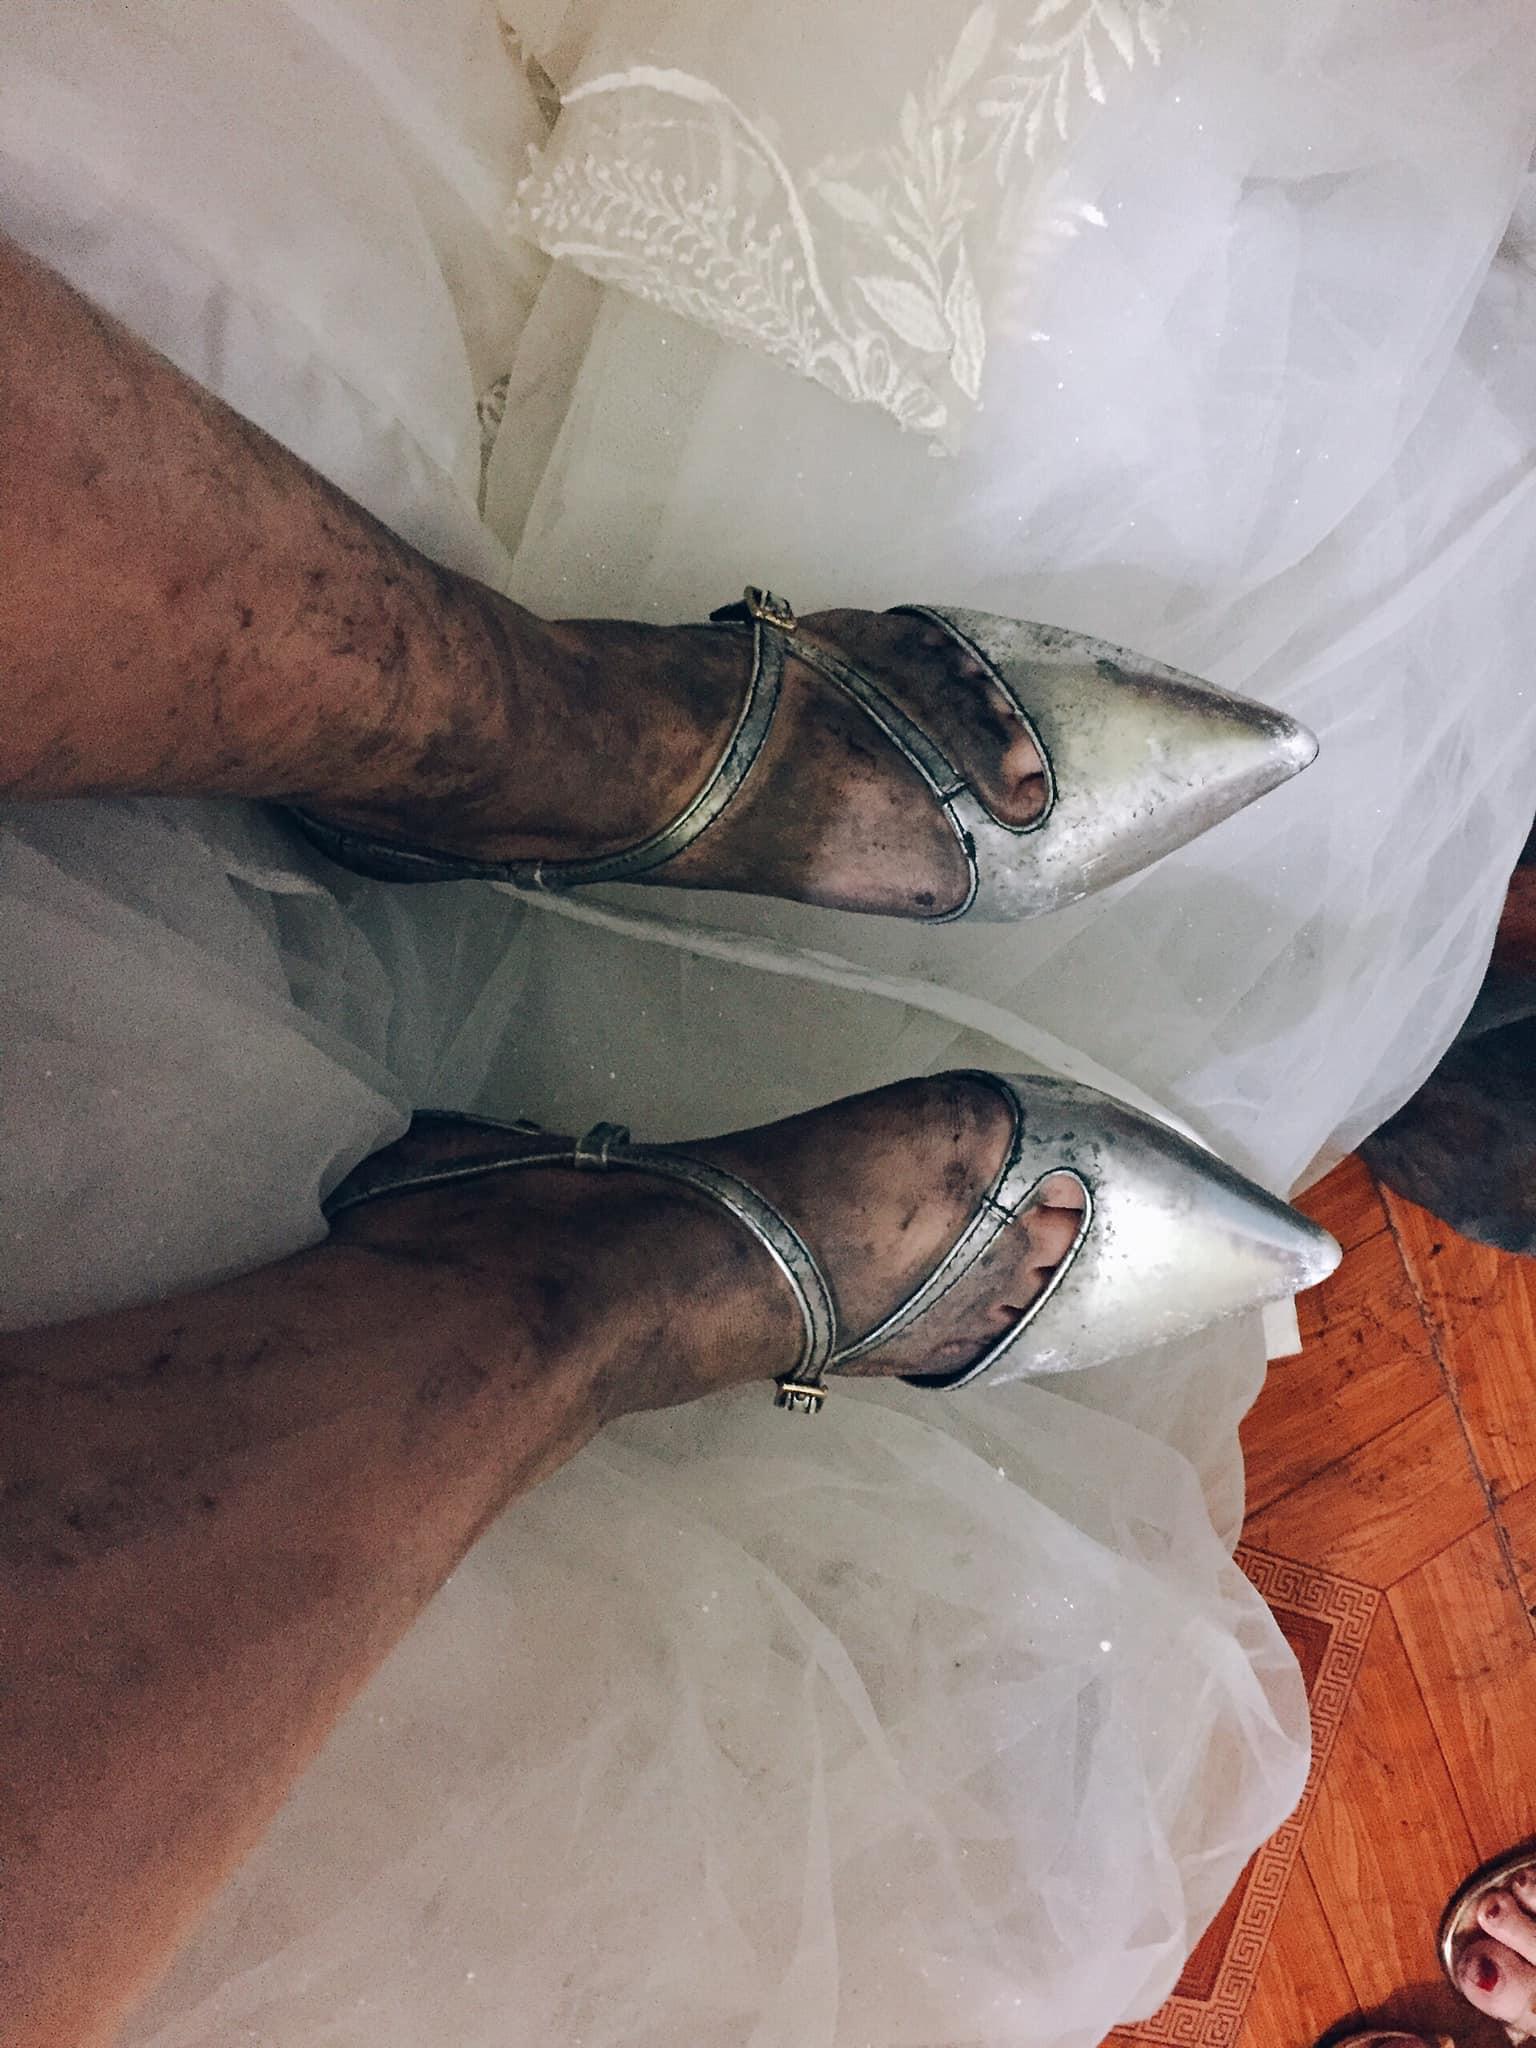 Nhìn hình ảnh đôi chân lấm lem của cô dâu trong ngày mưa, dân mạng ngay lập tức đoán được lấy chồng về đâu - Ảnh 1.